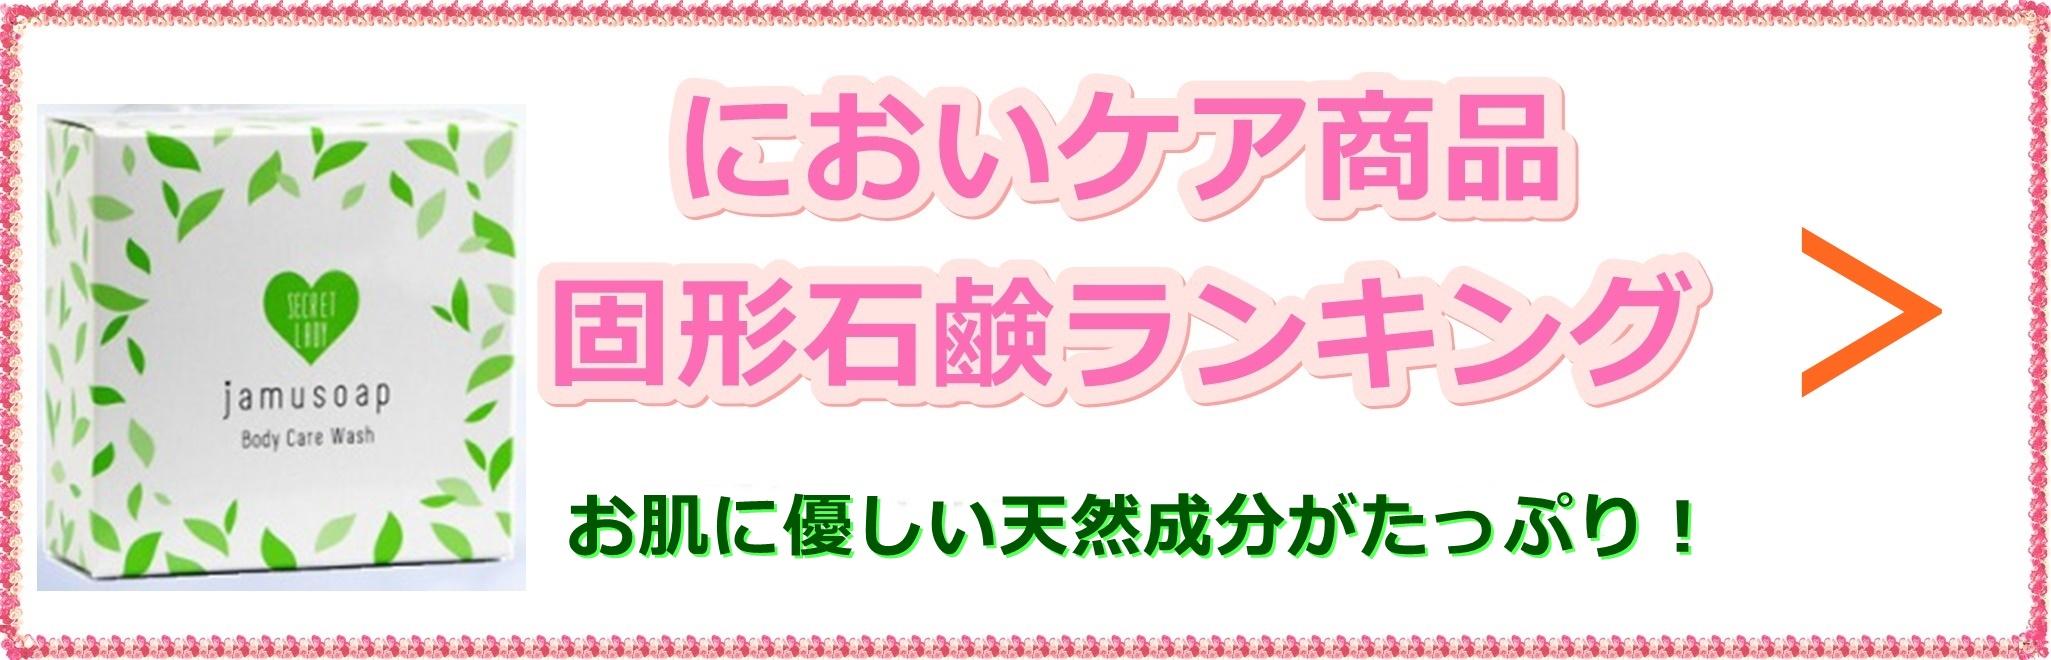 におい固形石鹸ランキング